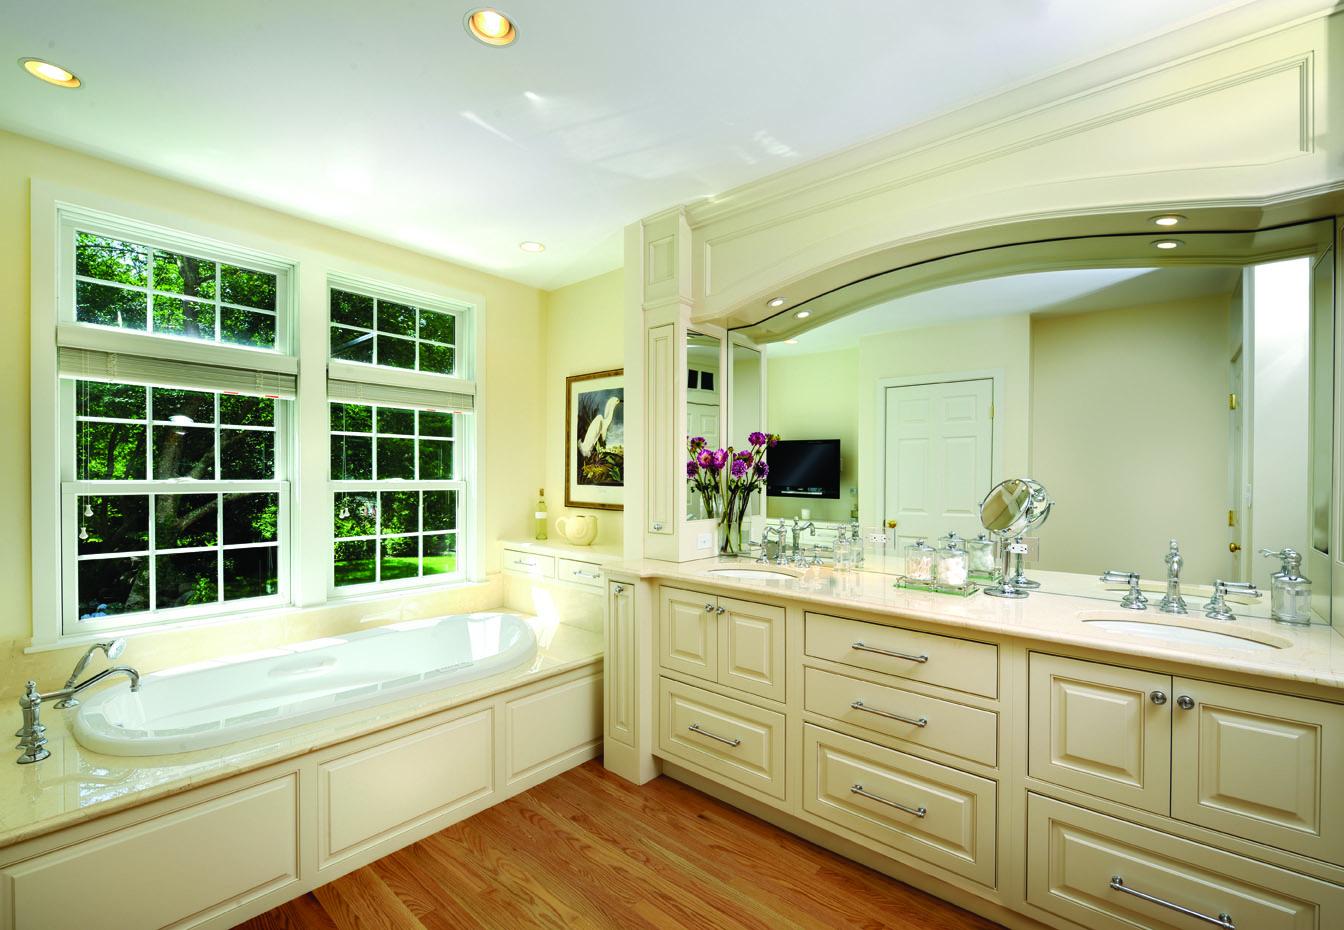 Masters kitchen design master kitchen beautiful homes - Kitchen bath design ...